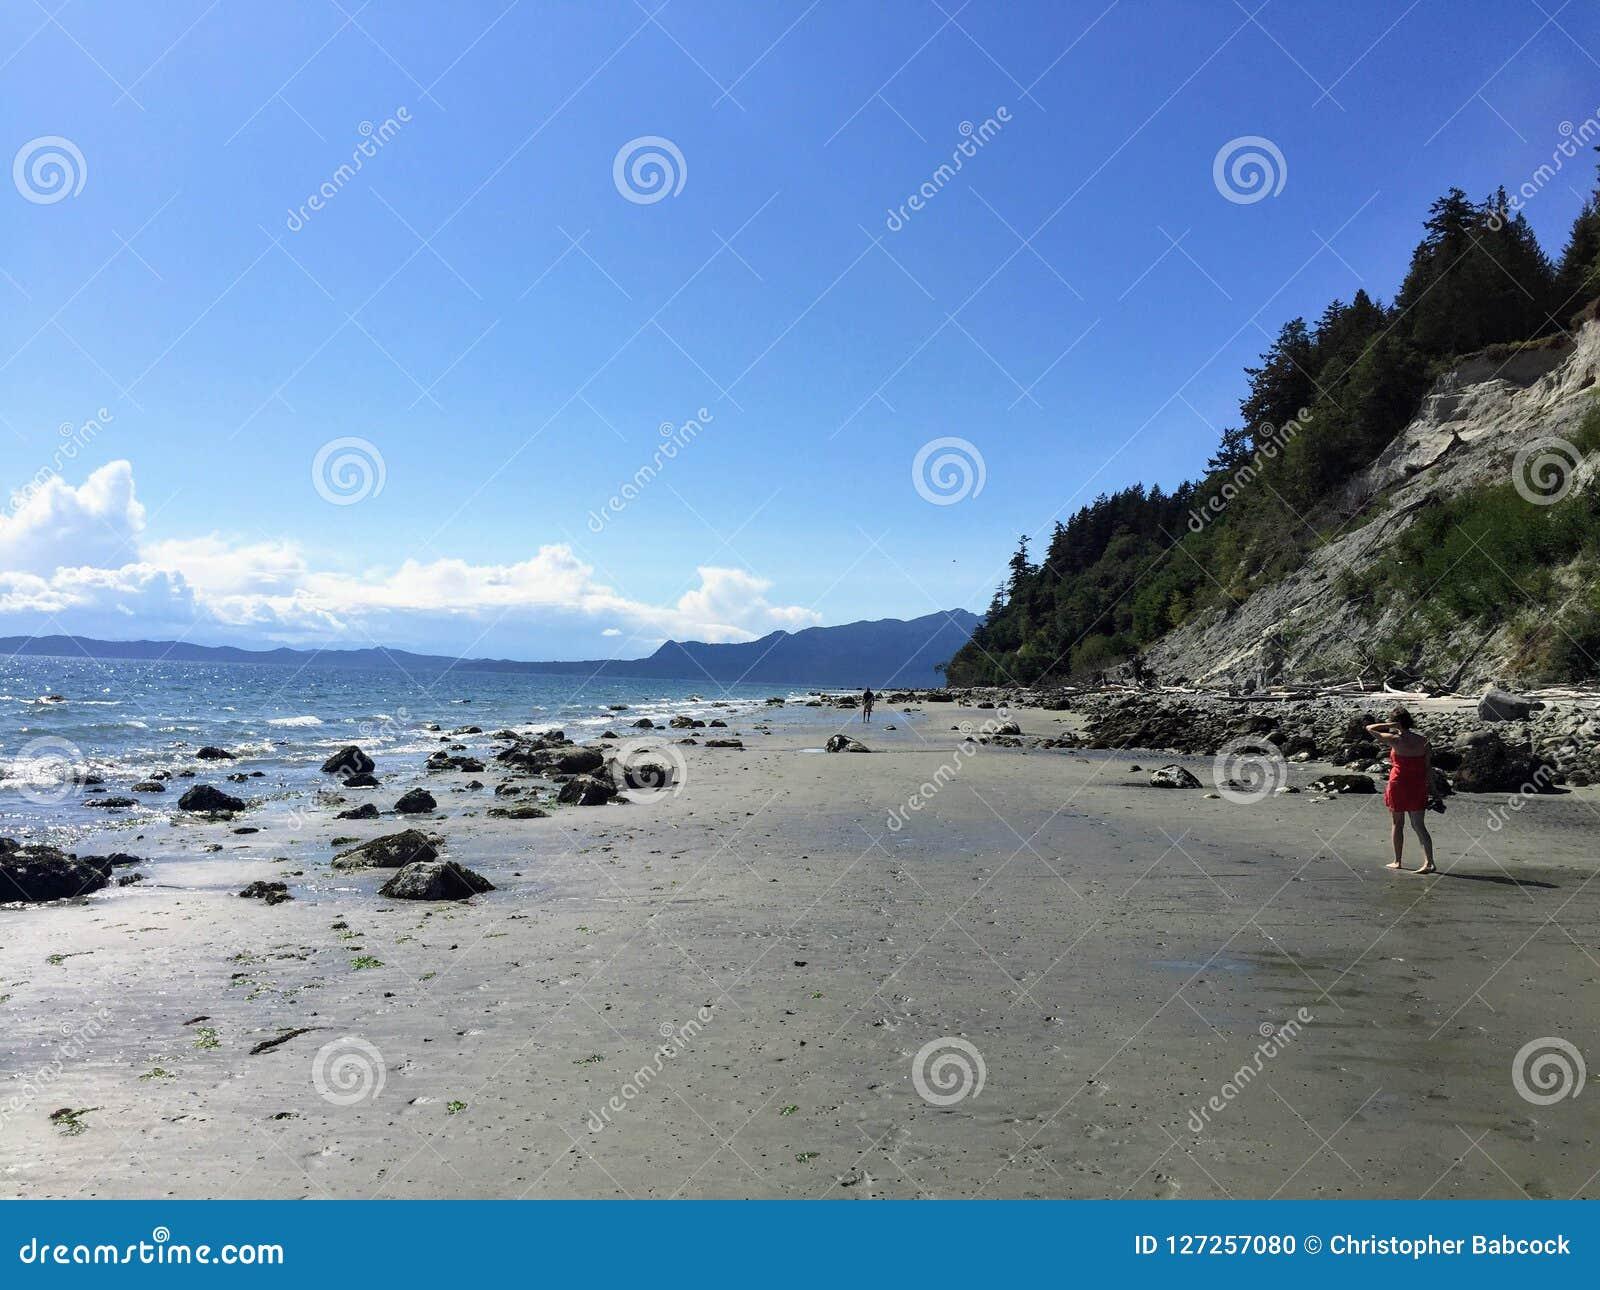 Οι απέραντες, αμμώδεις παραλίες του κόλπου πειρατών σε ένα όμορφο καλοκαίρι δ